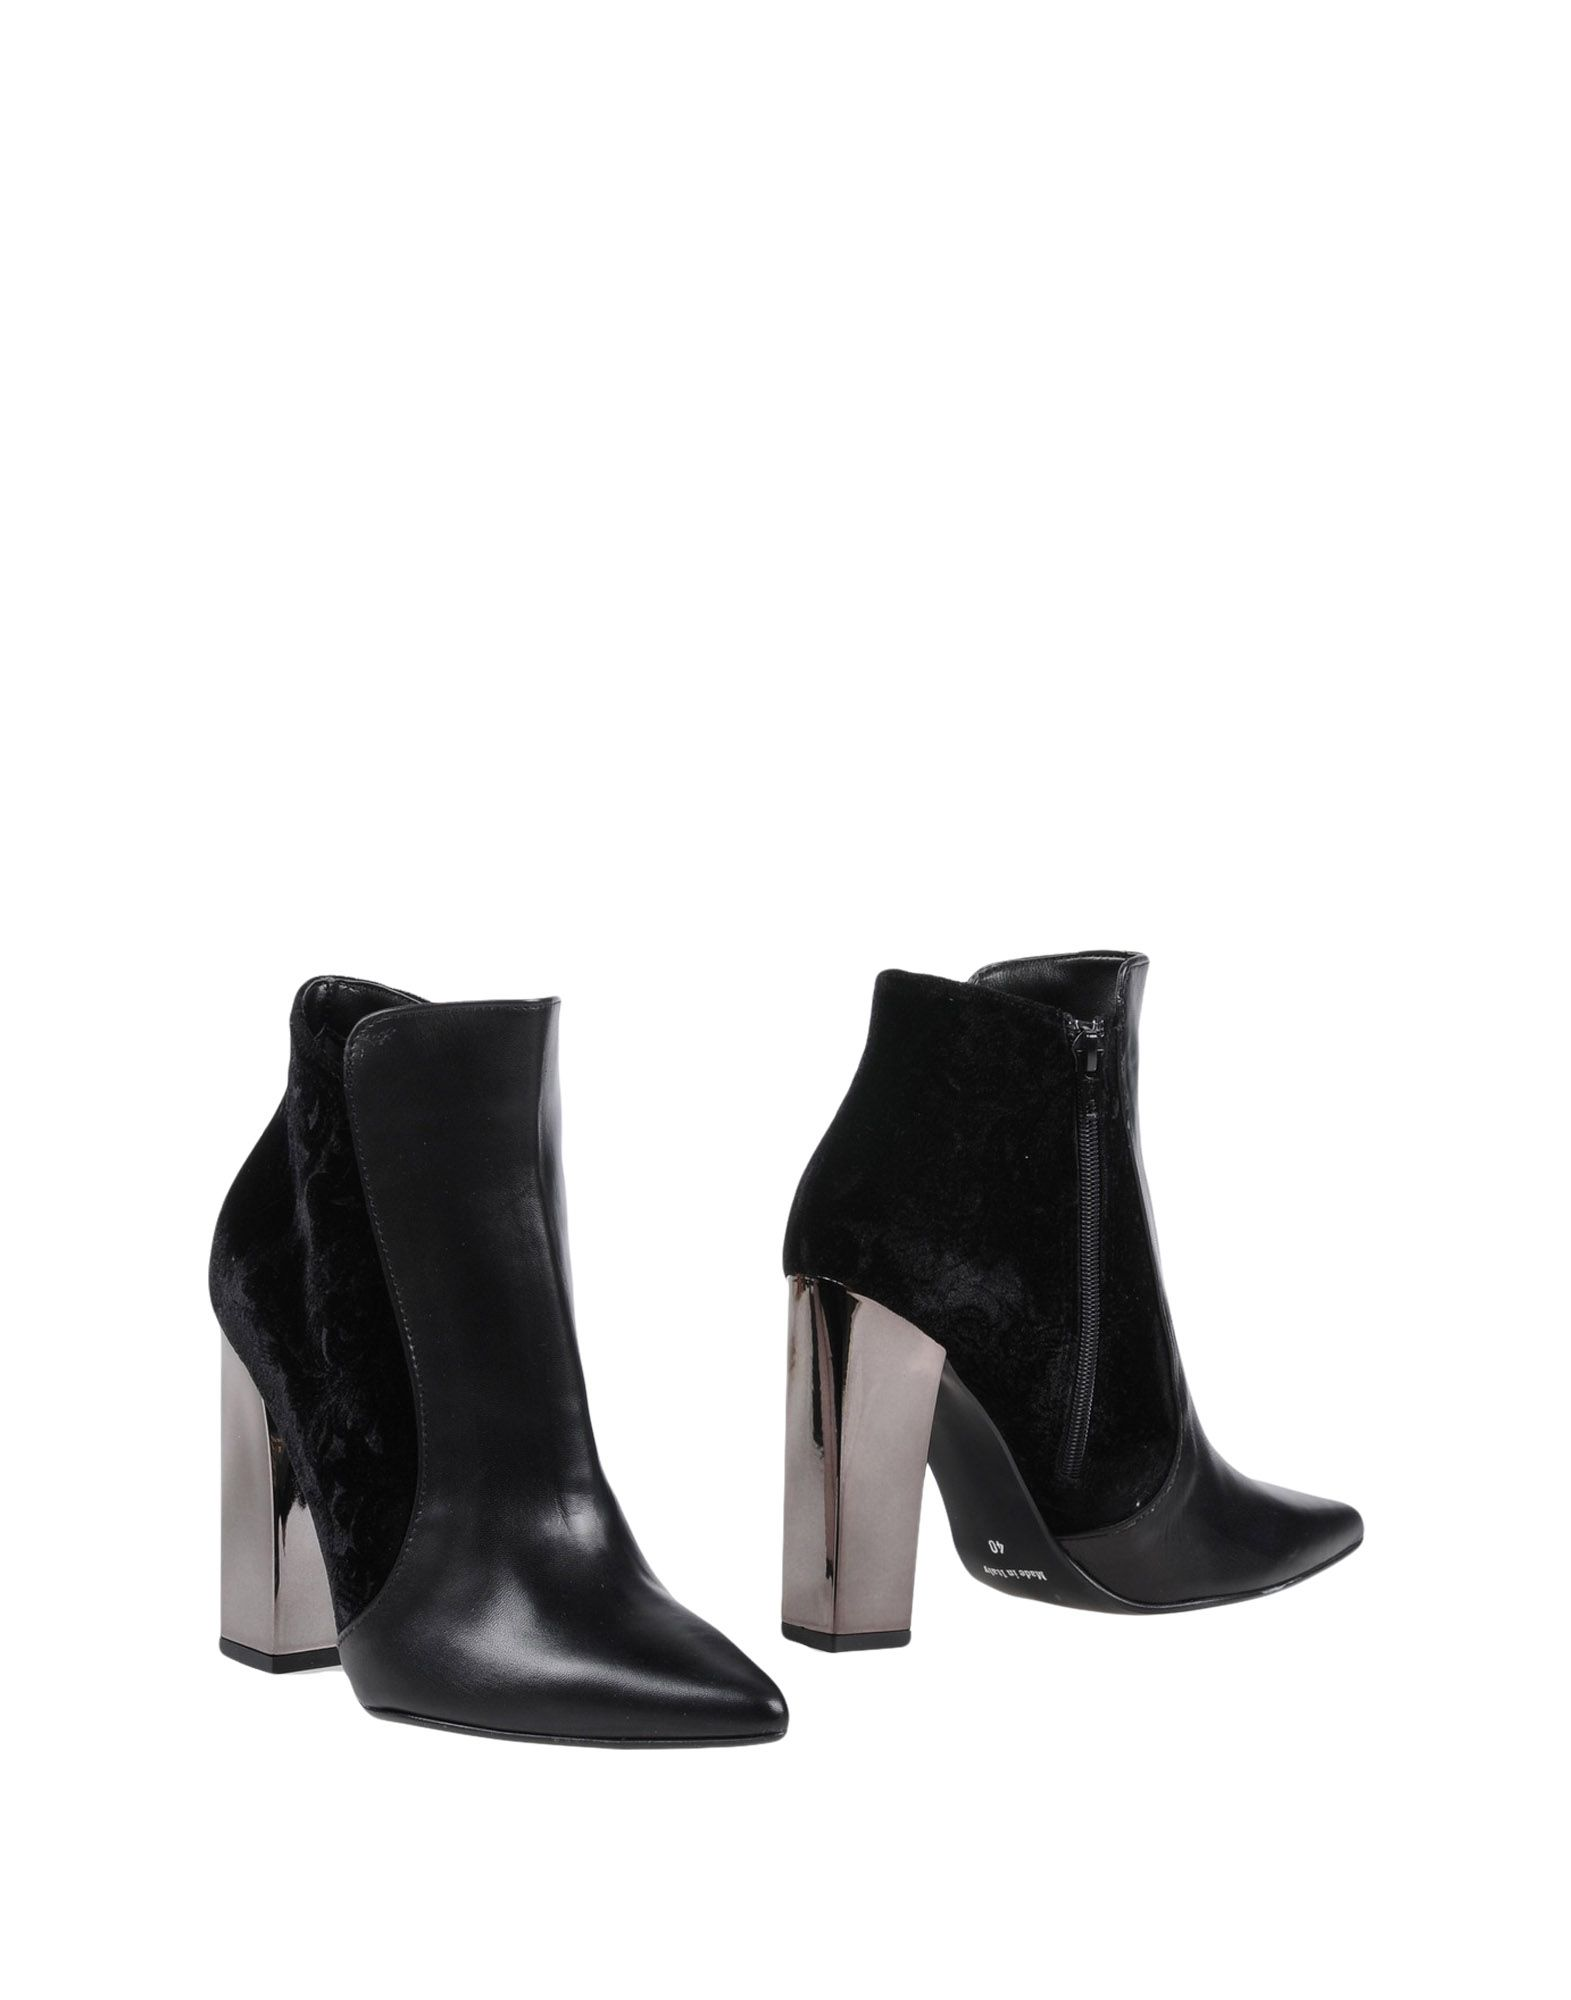 Le Stelle Gute Stiefelette Damen  11450846DA Gute Stelle Qualität beliebte Schuhe bd3469